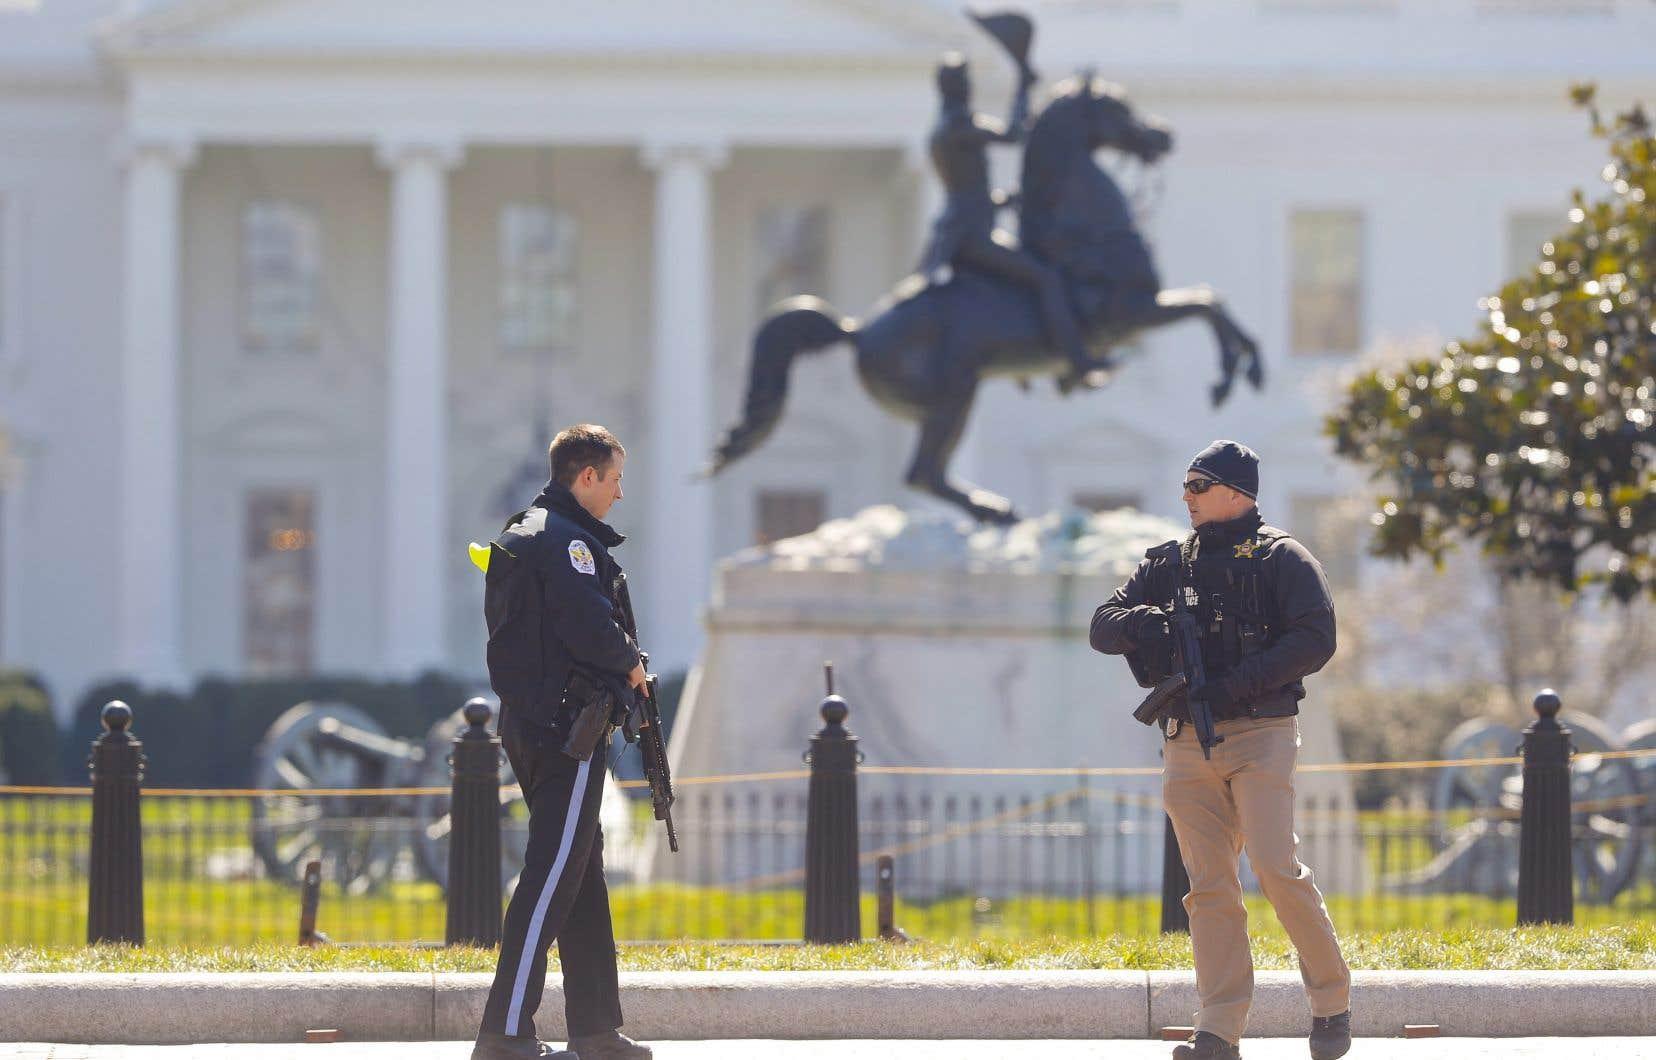 Des policiers montent la garde en face de la Maison-Blanche à Washington, samedi, après qu'un homme se soit enlevé la vie à proximité de la barrière nord.